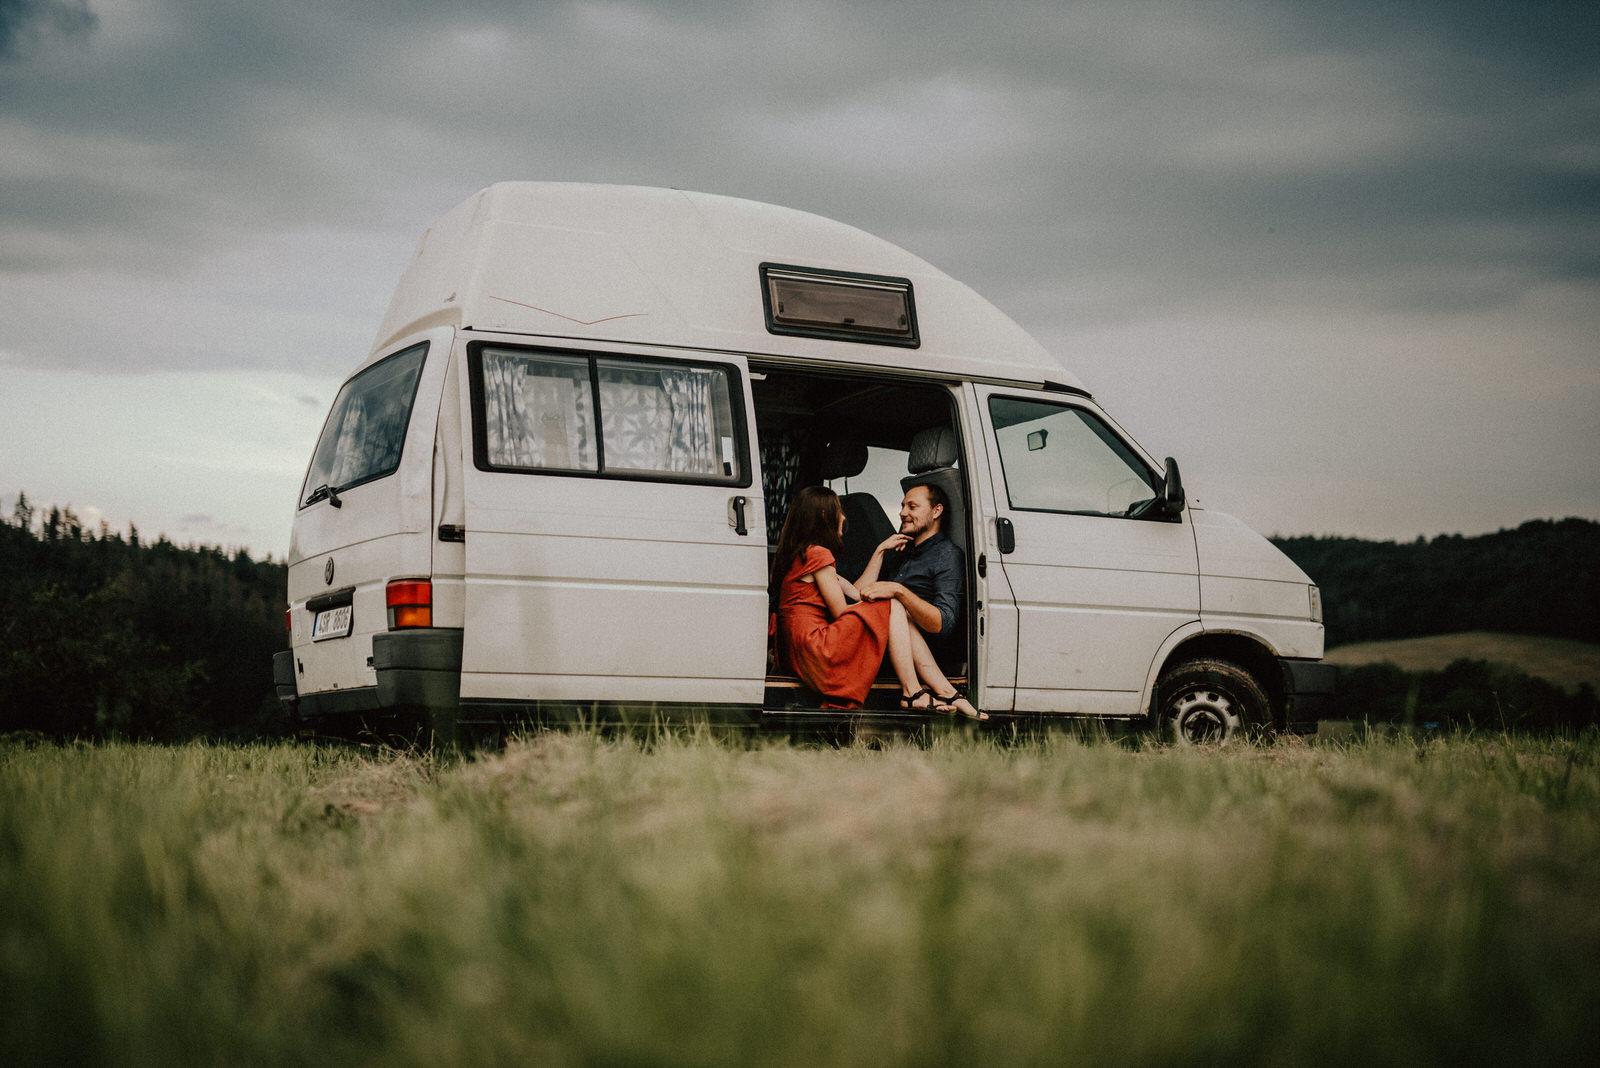 Obytná dodávka Volkswagen Transporter Fotografka Brno